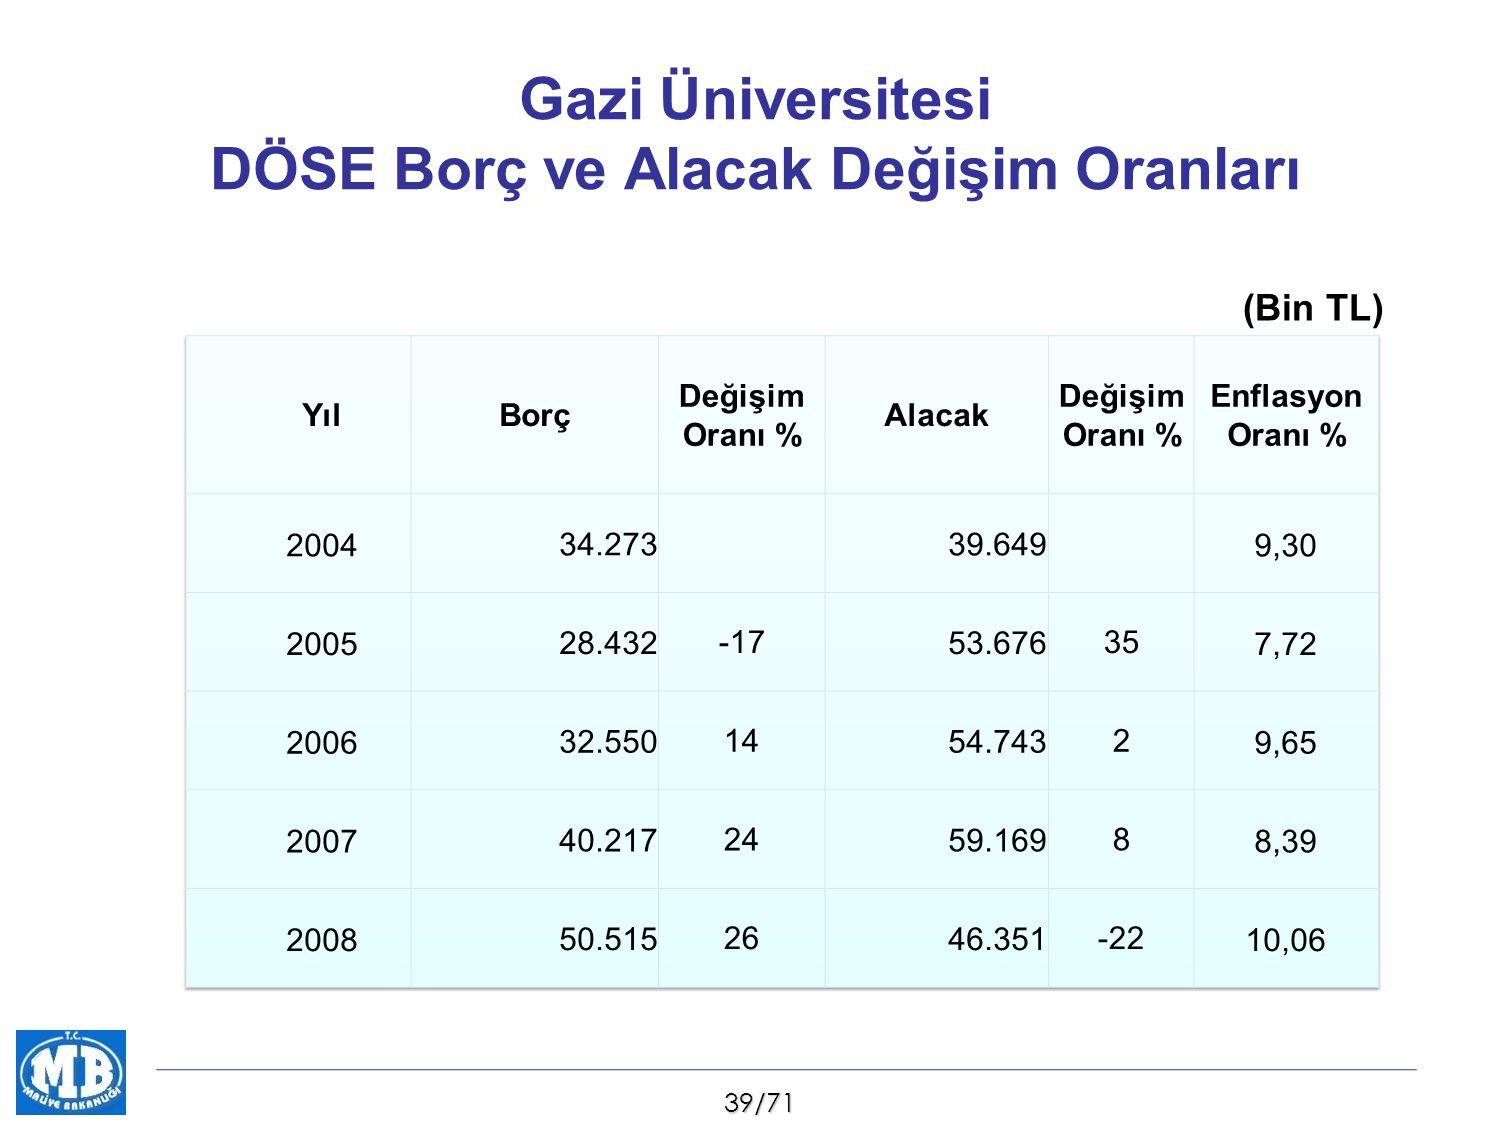 39/71 Gazi Üniversitesi DÖSE Borç ve Alacak Değişim Oranları (Bin TL)